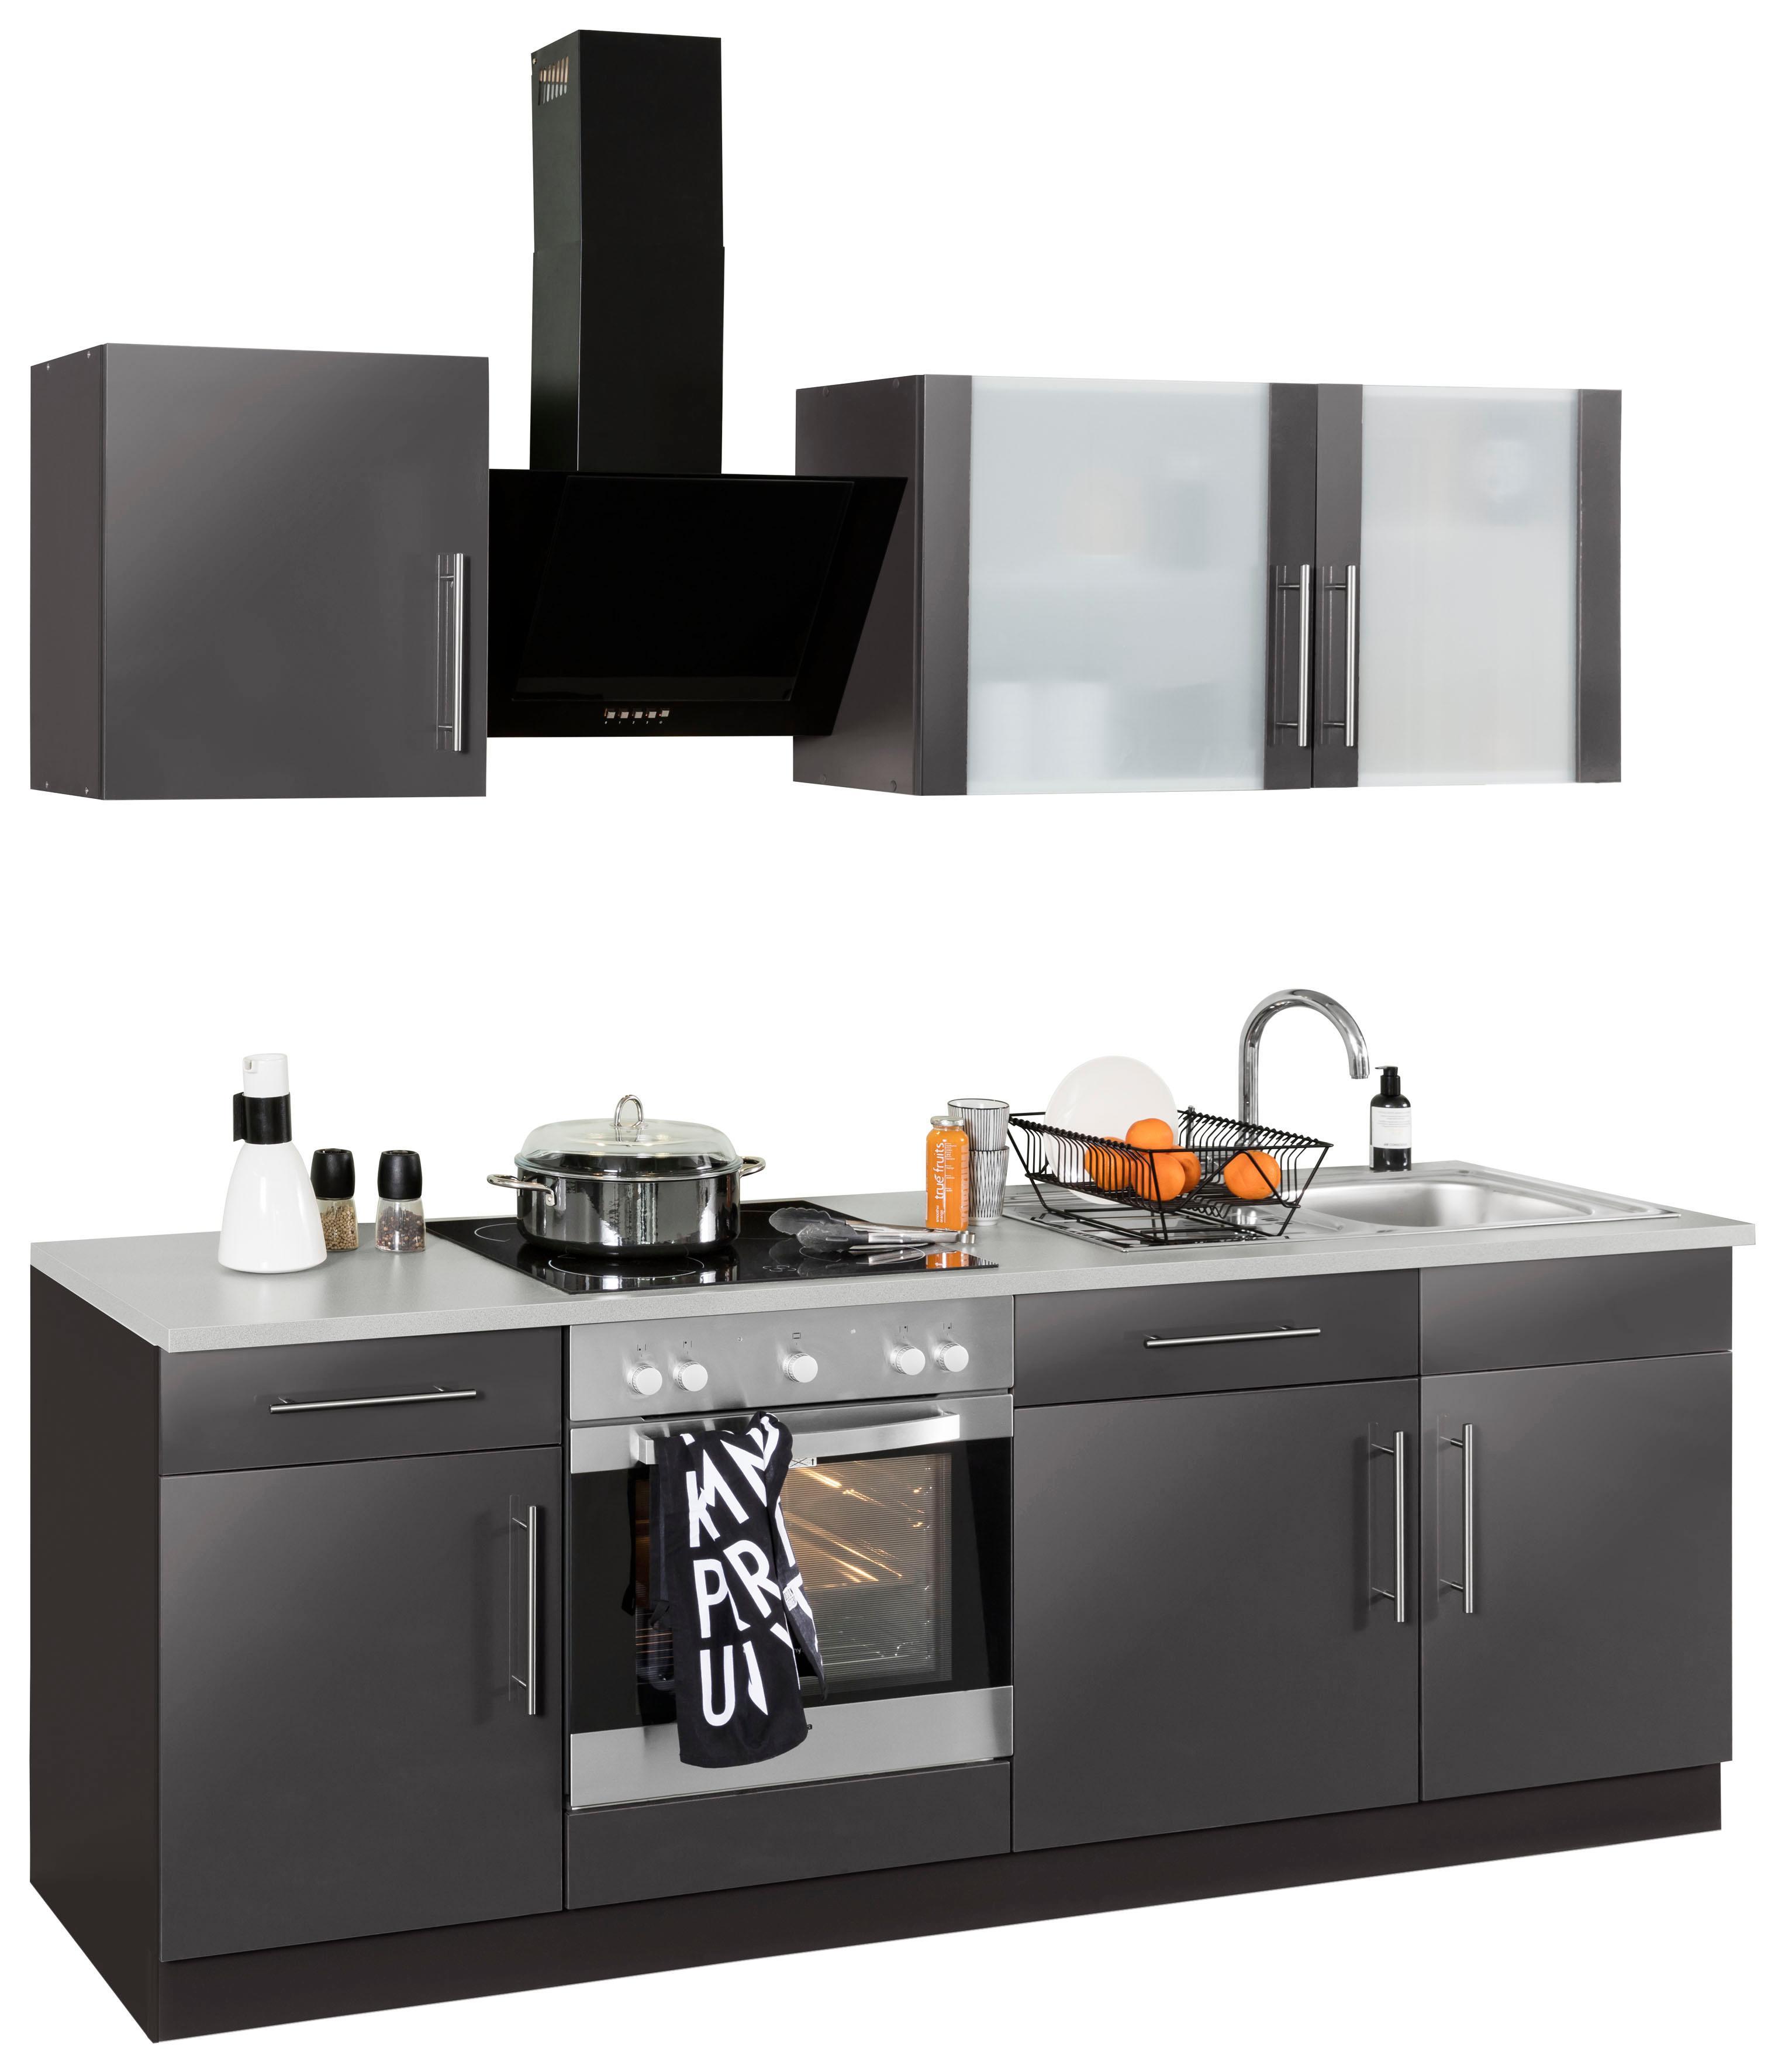 arbeitsplatte 280 preise vergleichen und g nstig einkaufen bei der preis. Black Bedroom Furniture Sets. Home Design Ideas